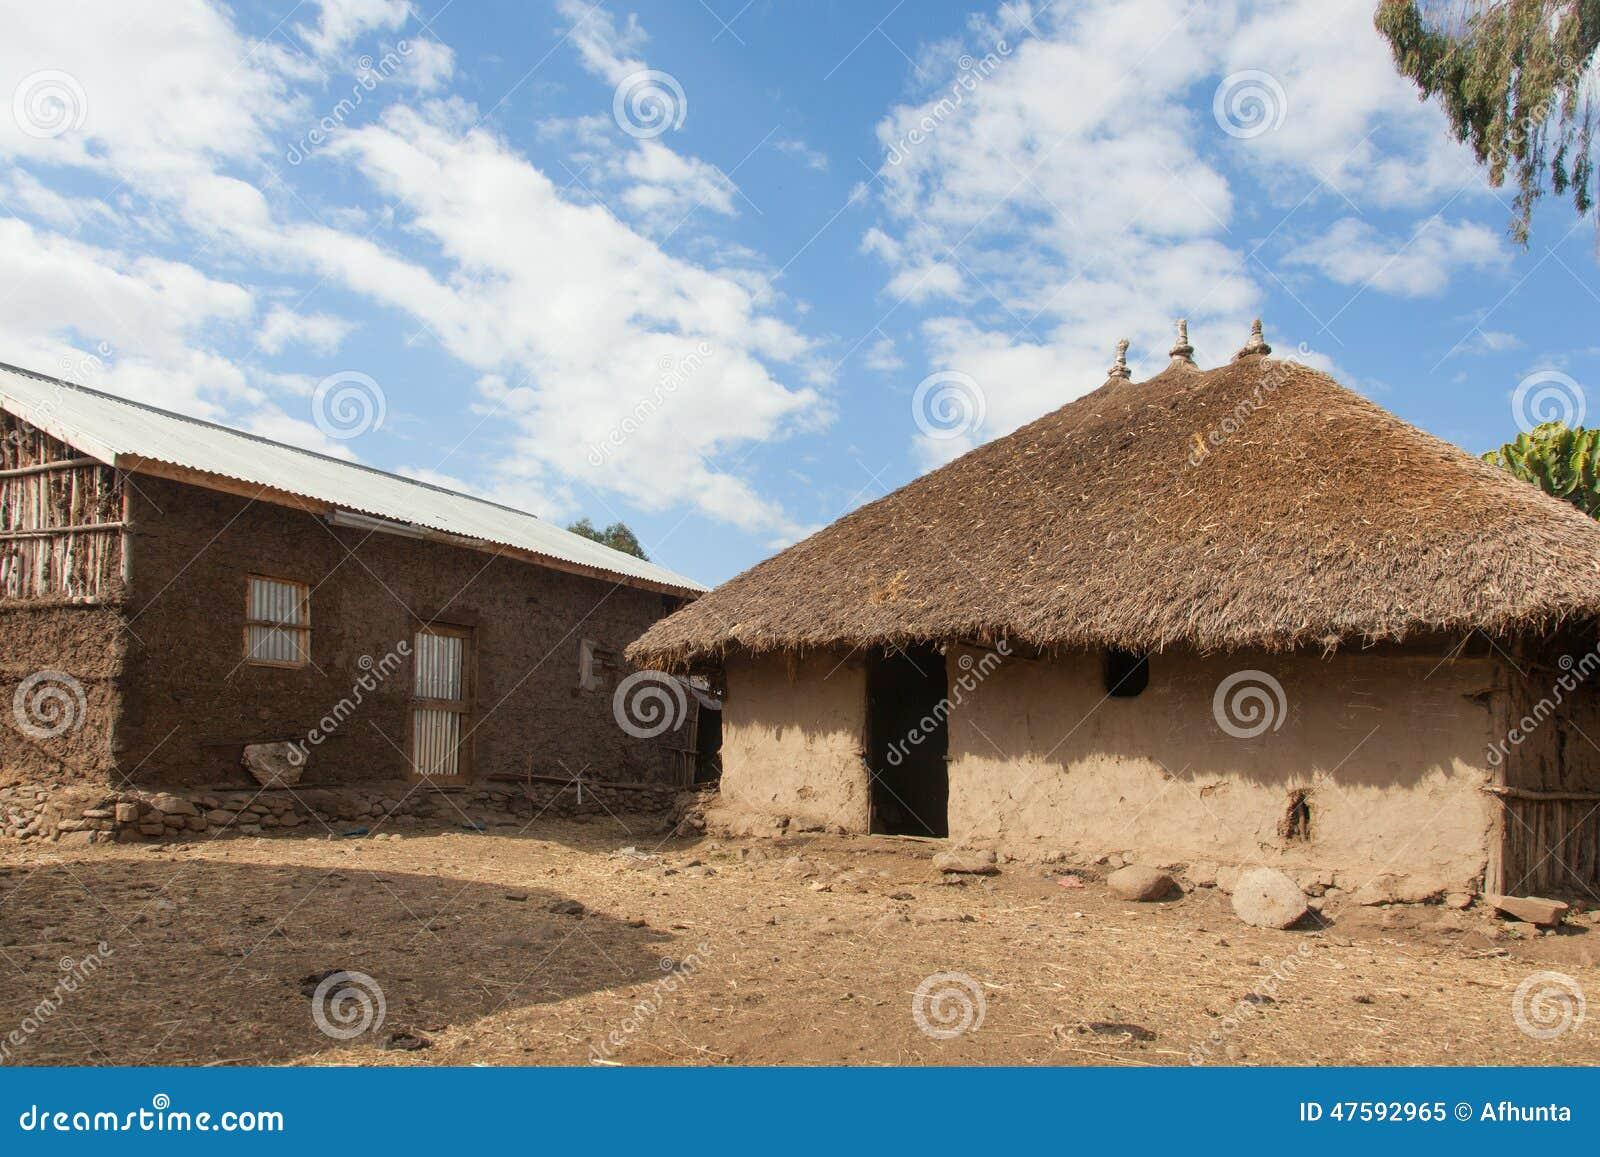 Casa etiopica tradizionale immagine stock immagine di for Casa tradizionale mogoro